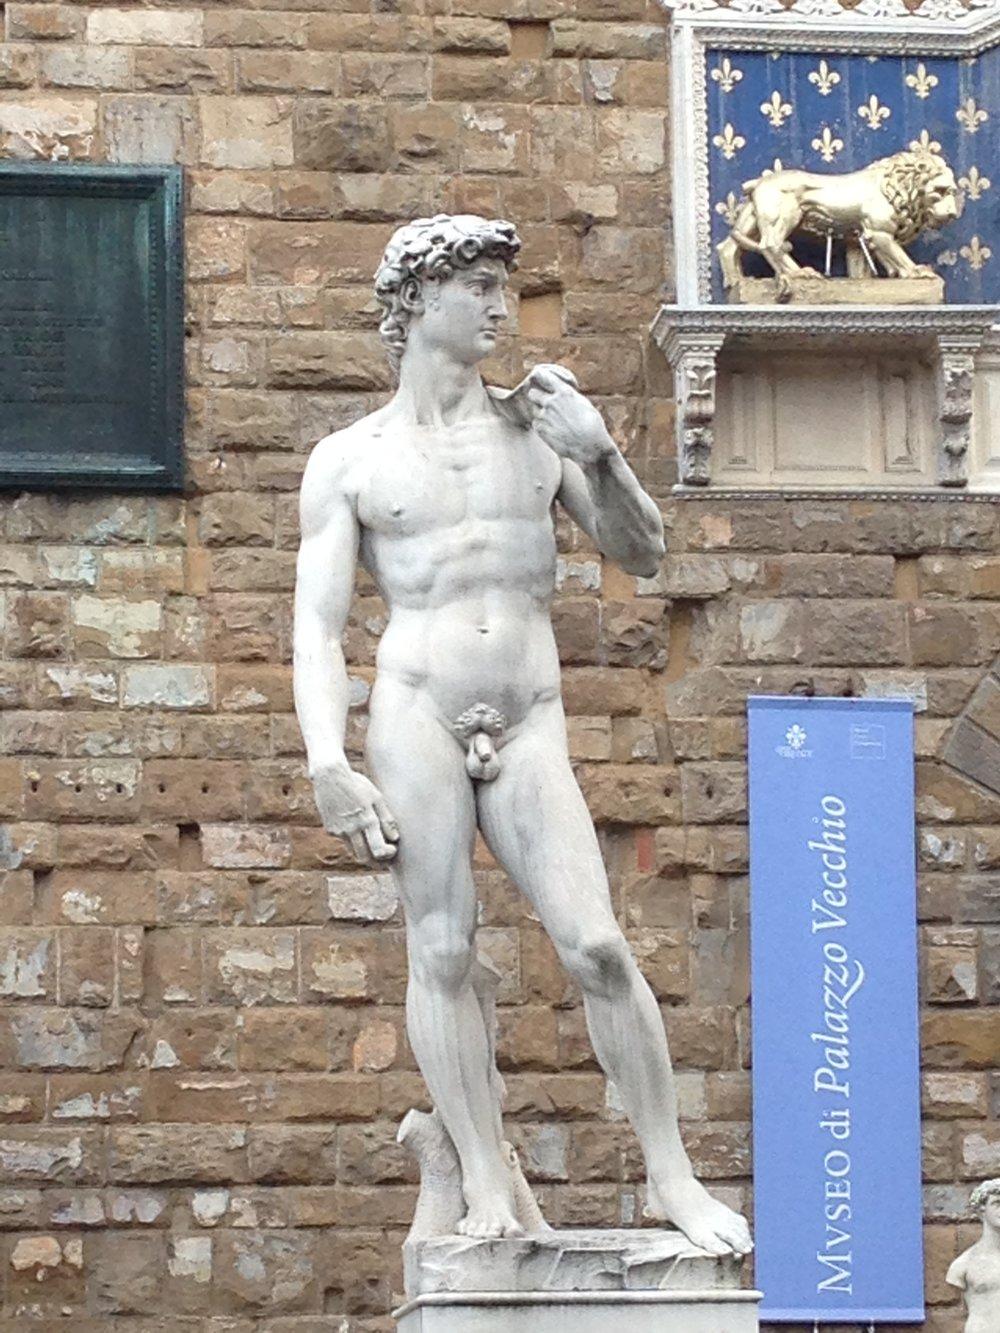 Replica David statue